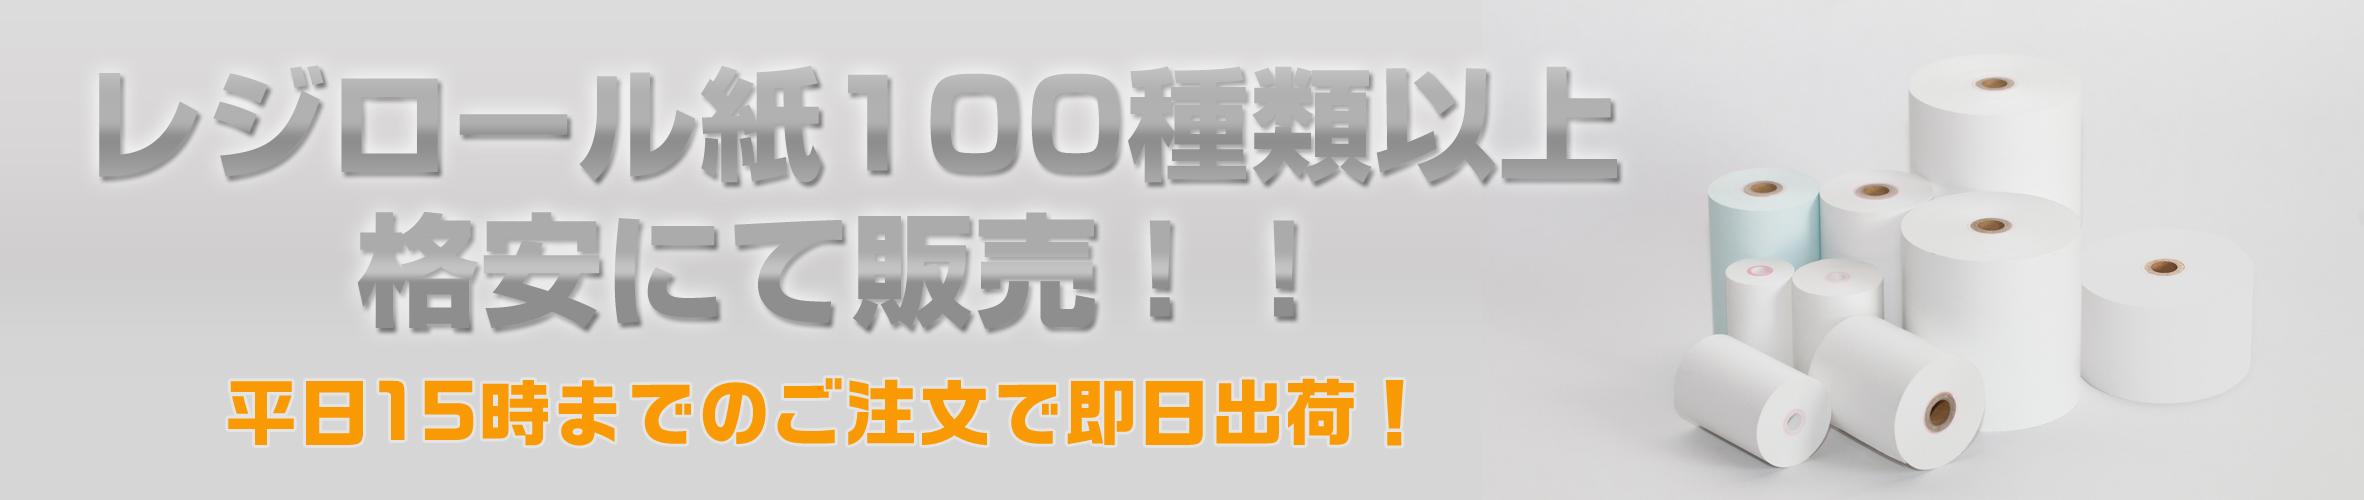 レジロール紙が100種類以上格安にて販売!!